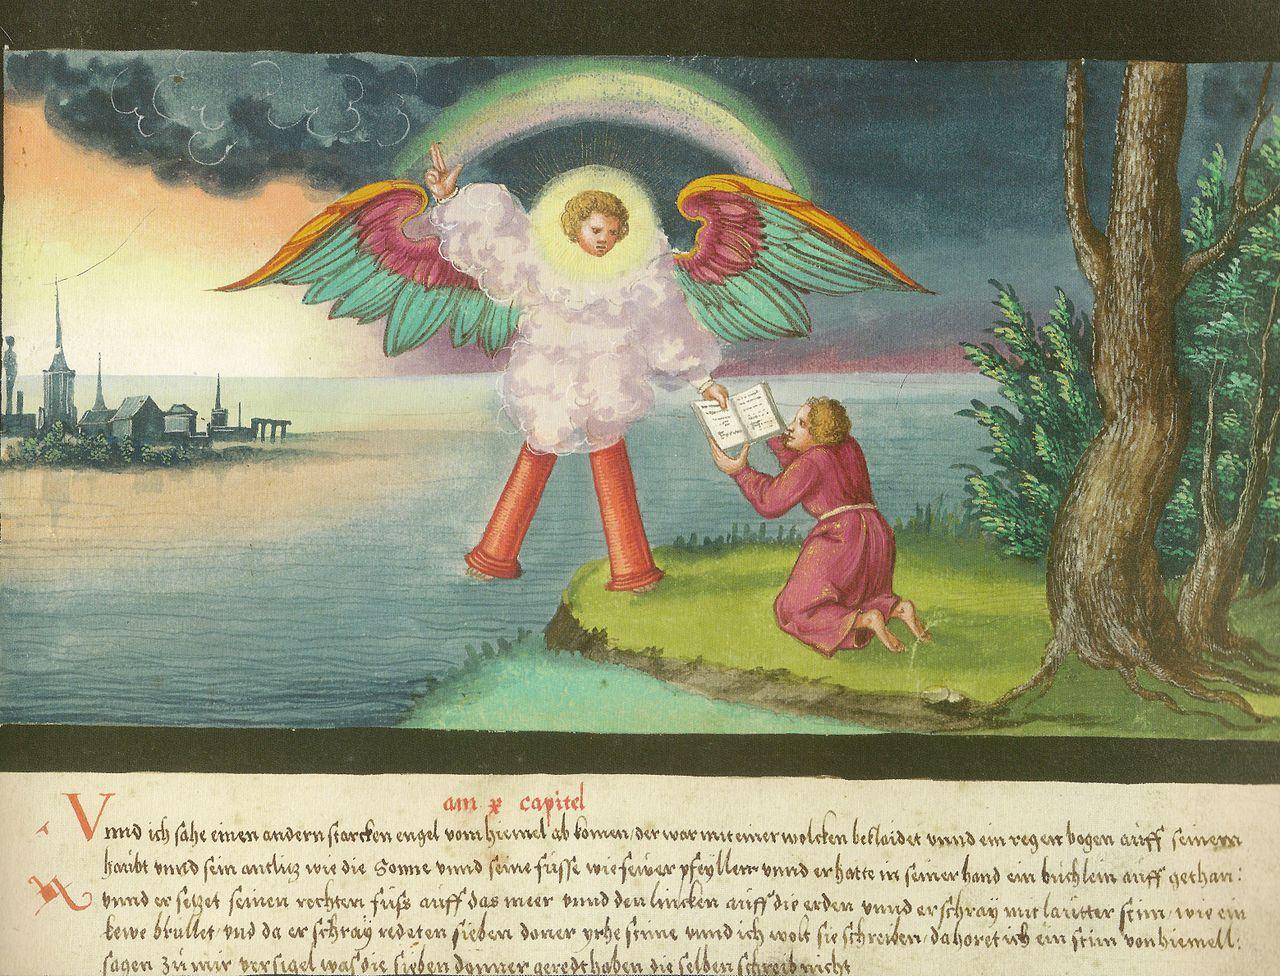 augsburger_wunderzeichenbuch_folio_184-_johannes_und_der_engel.jpg